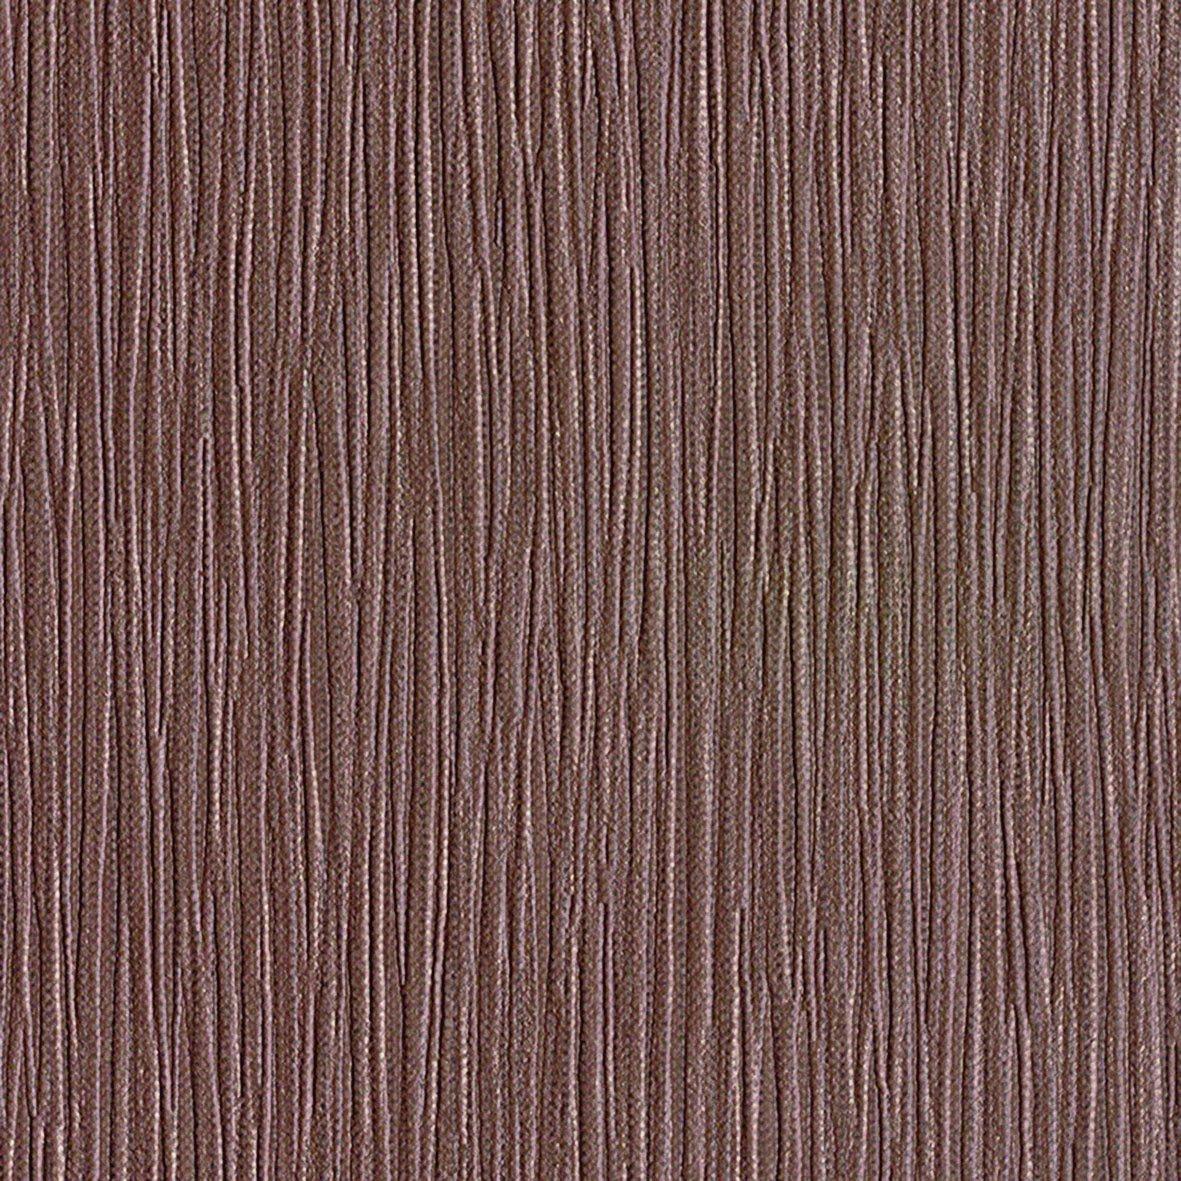 リリカラ 壁紙42m シンフル ストライプ ブラウン LL-8618 B01MTK2MBA 42m|ブラウン